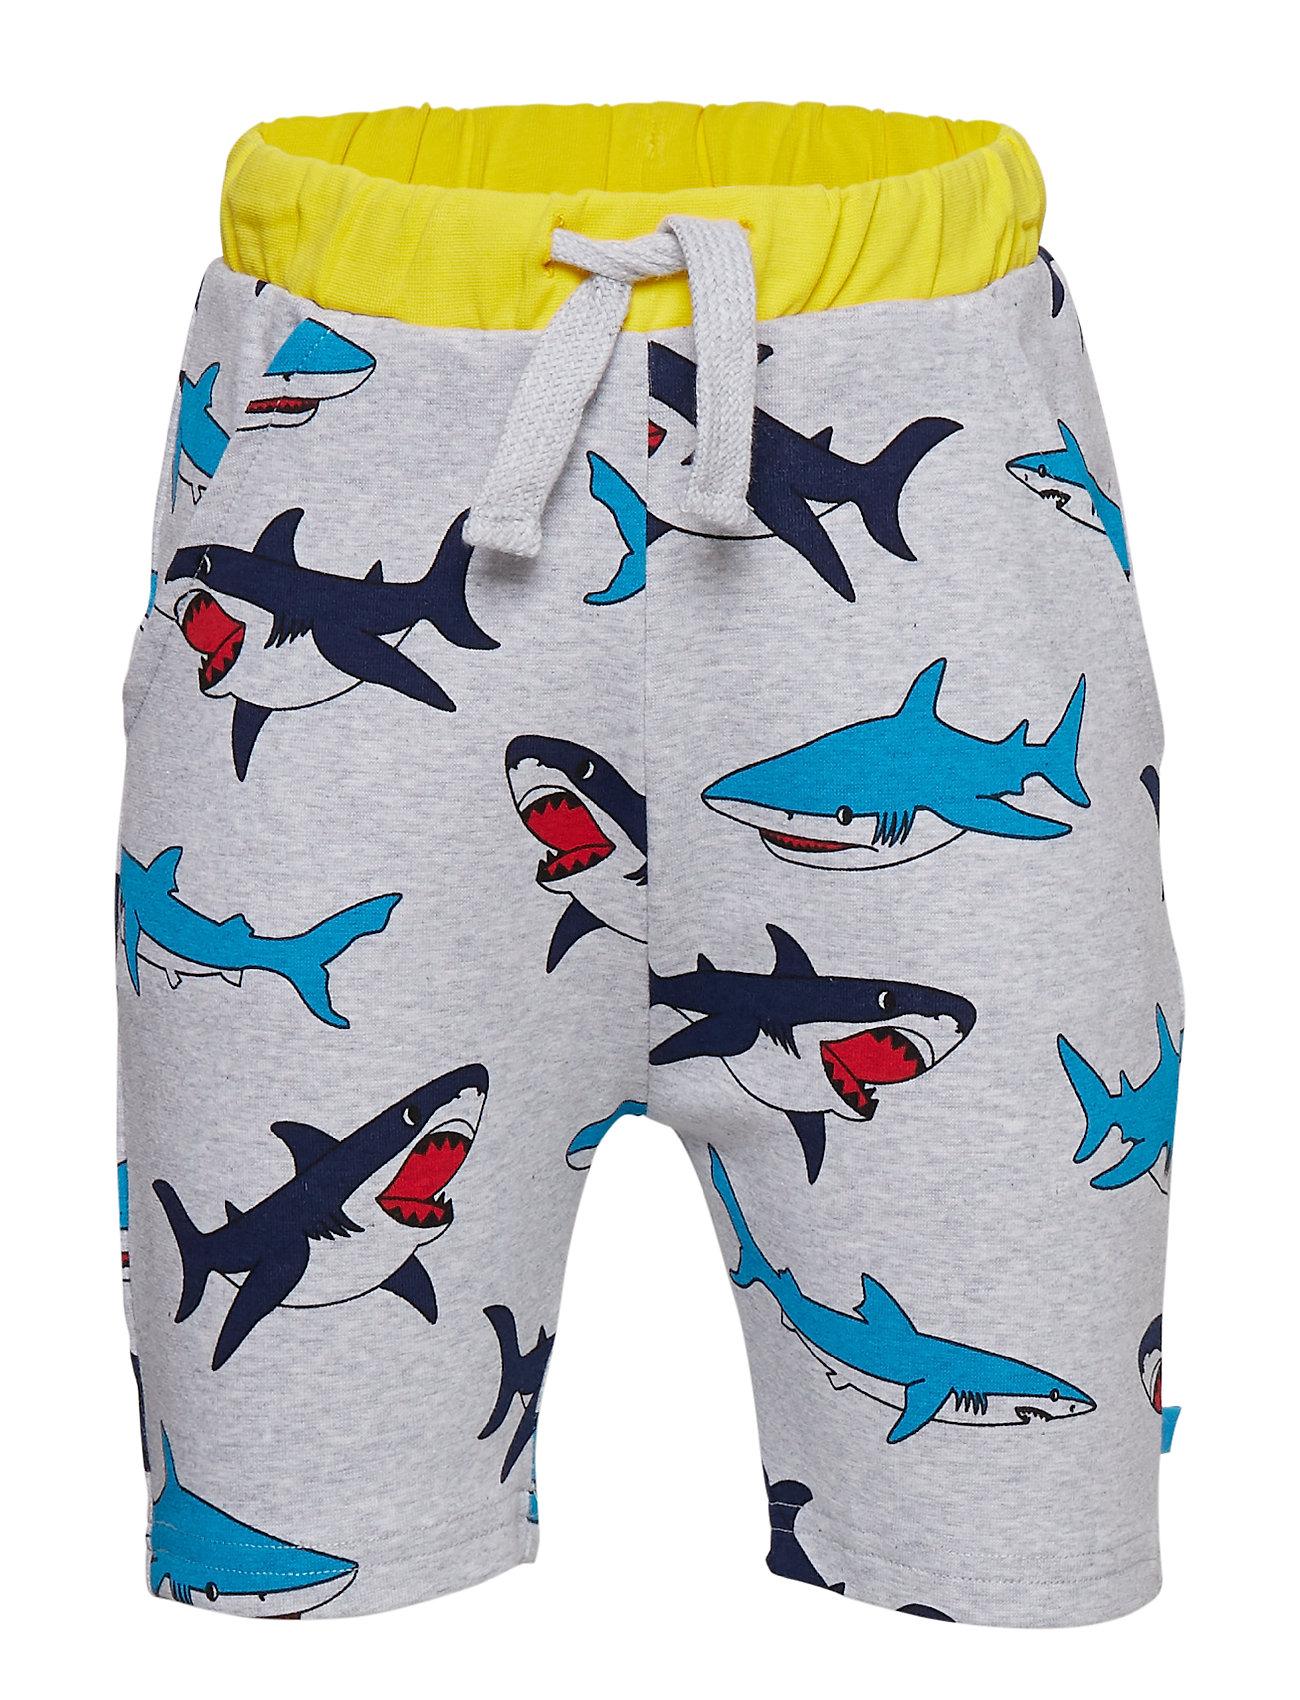 Småfolk Shorts. Shark - LT. GREY MIX